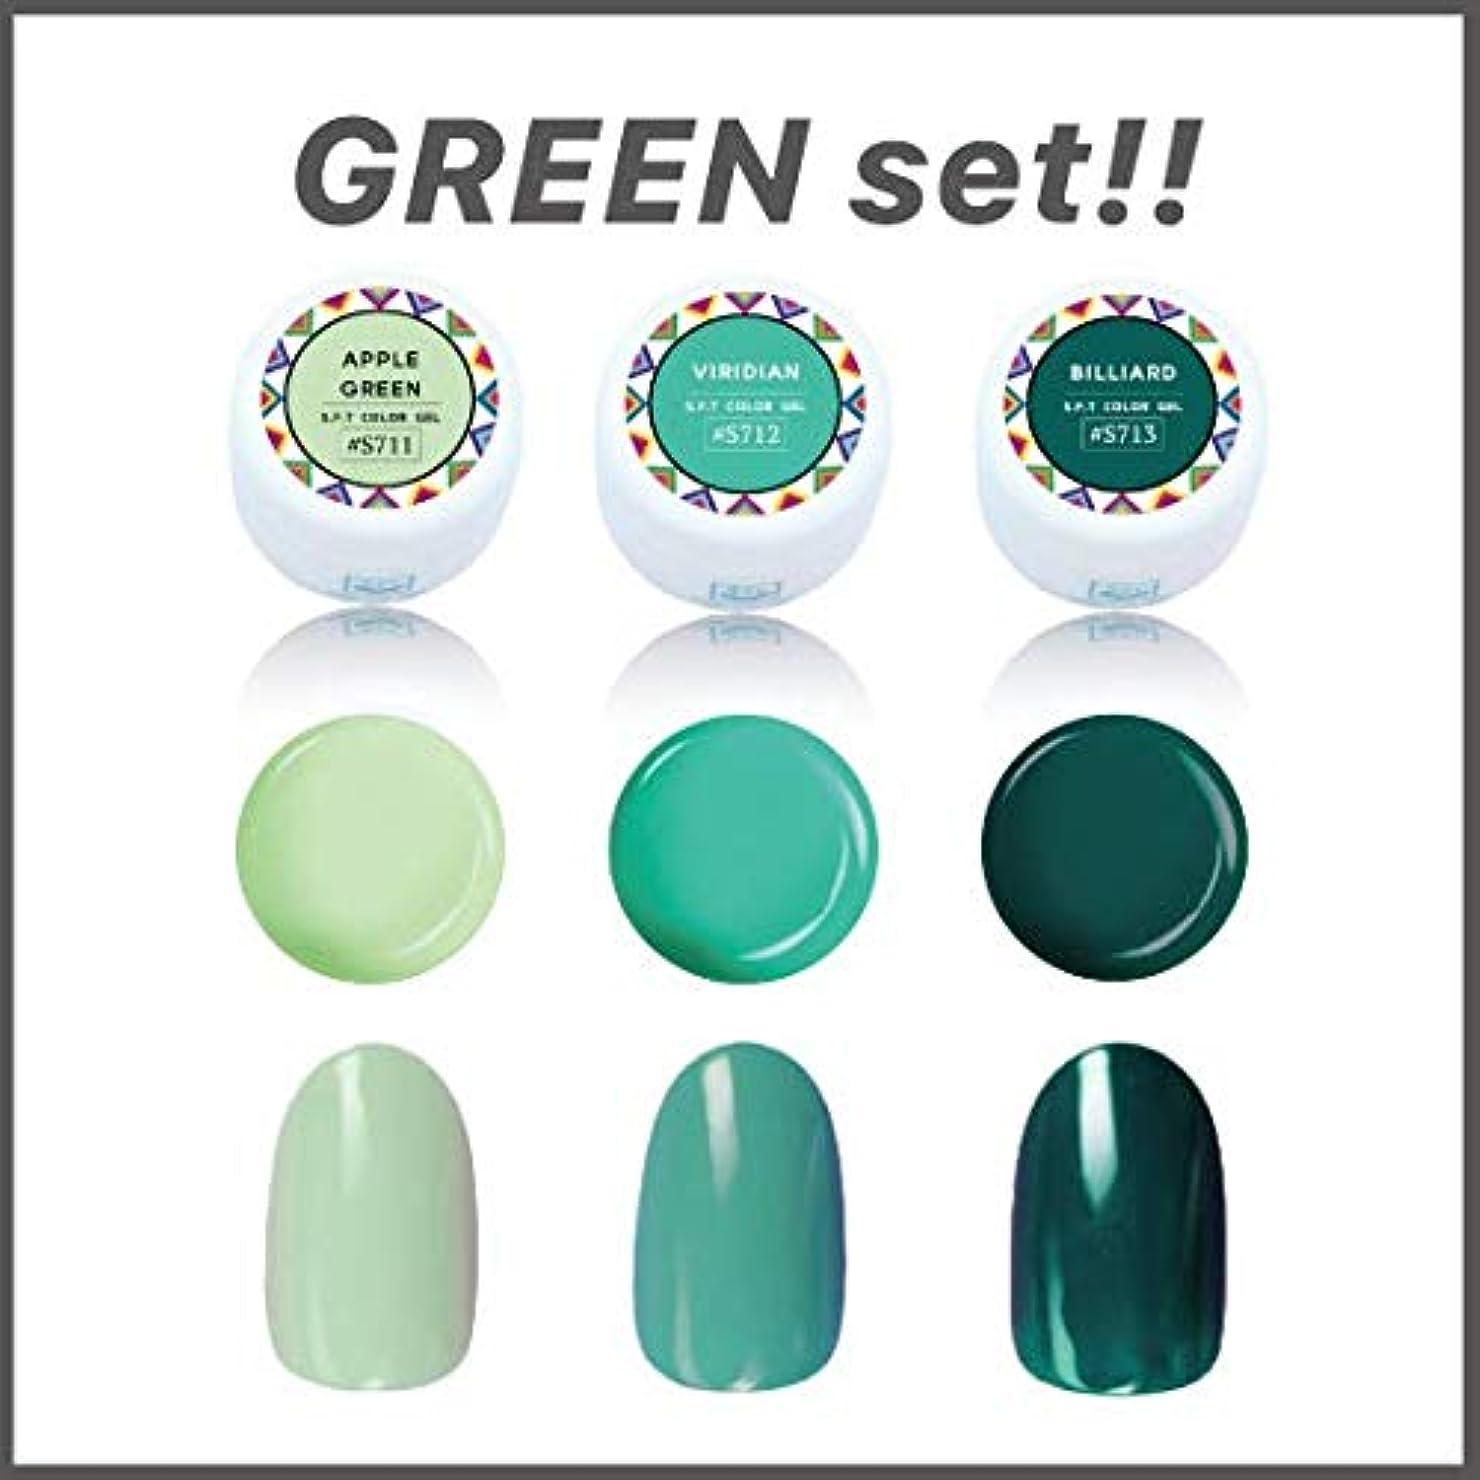 即席グラマー収束する日本製 ジェルネイル グリーンセット 3色セット FUNSIDË ファンサイド カラージェル グリーン 黄緑 ターコイズ